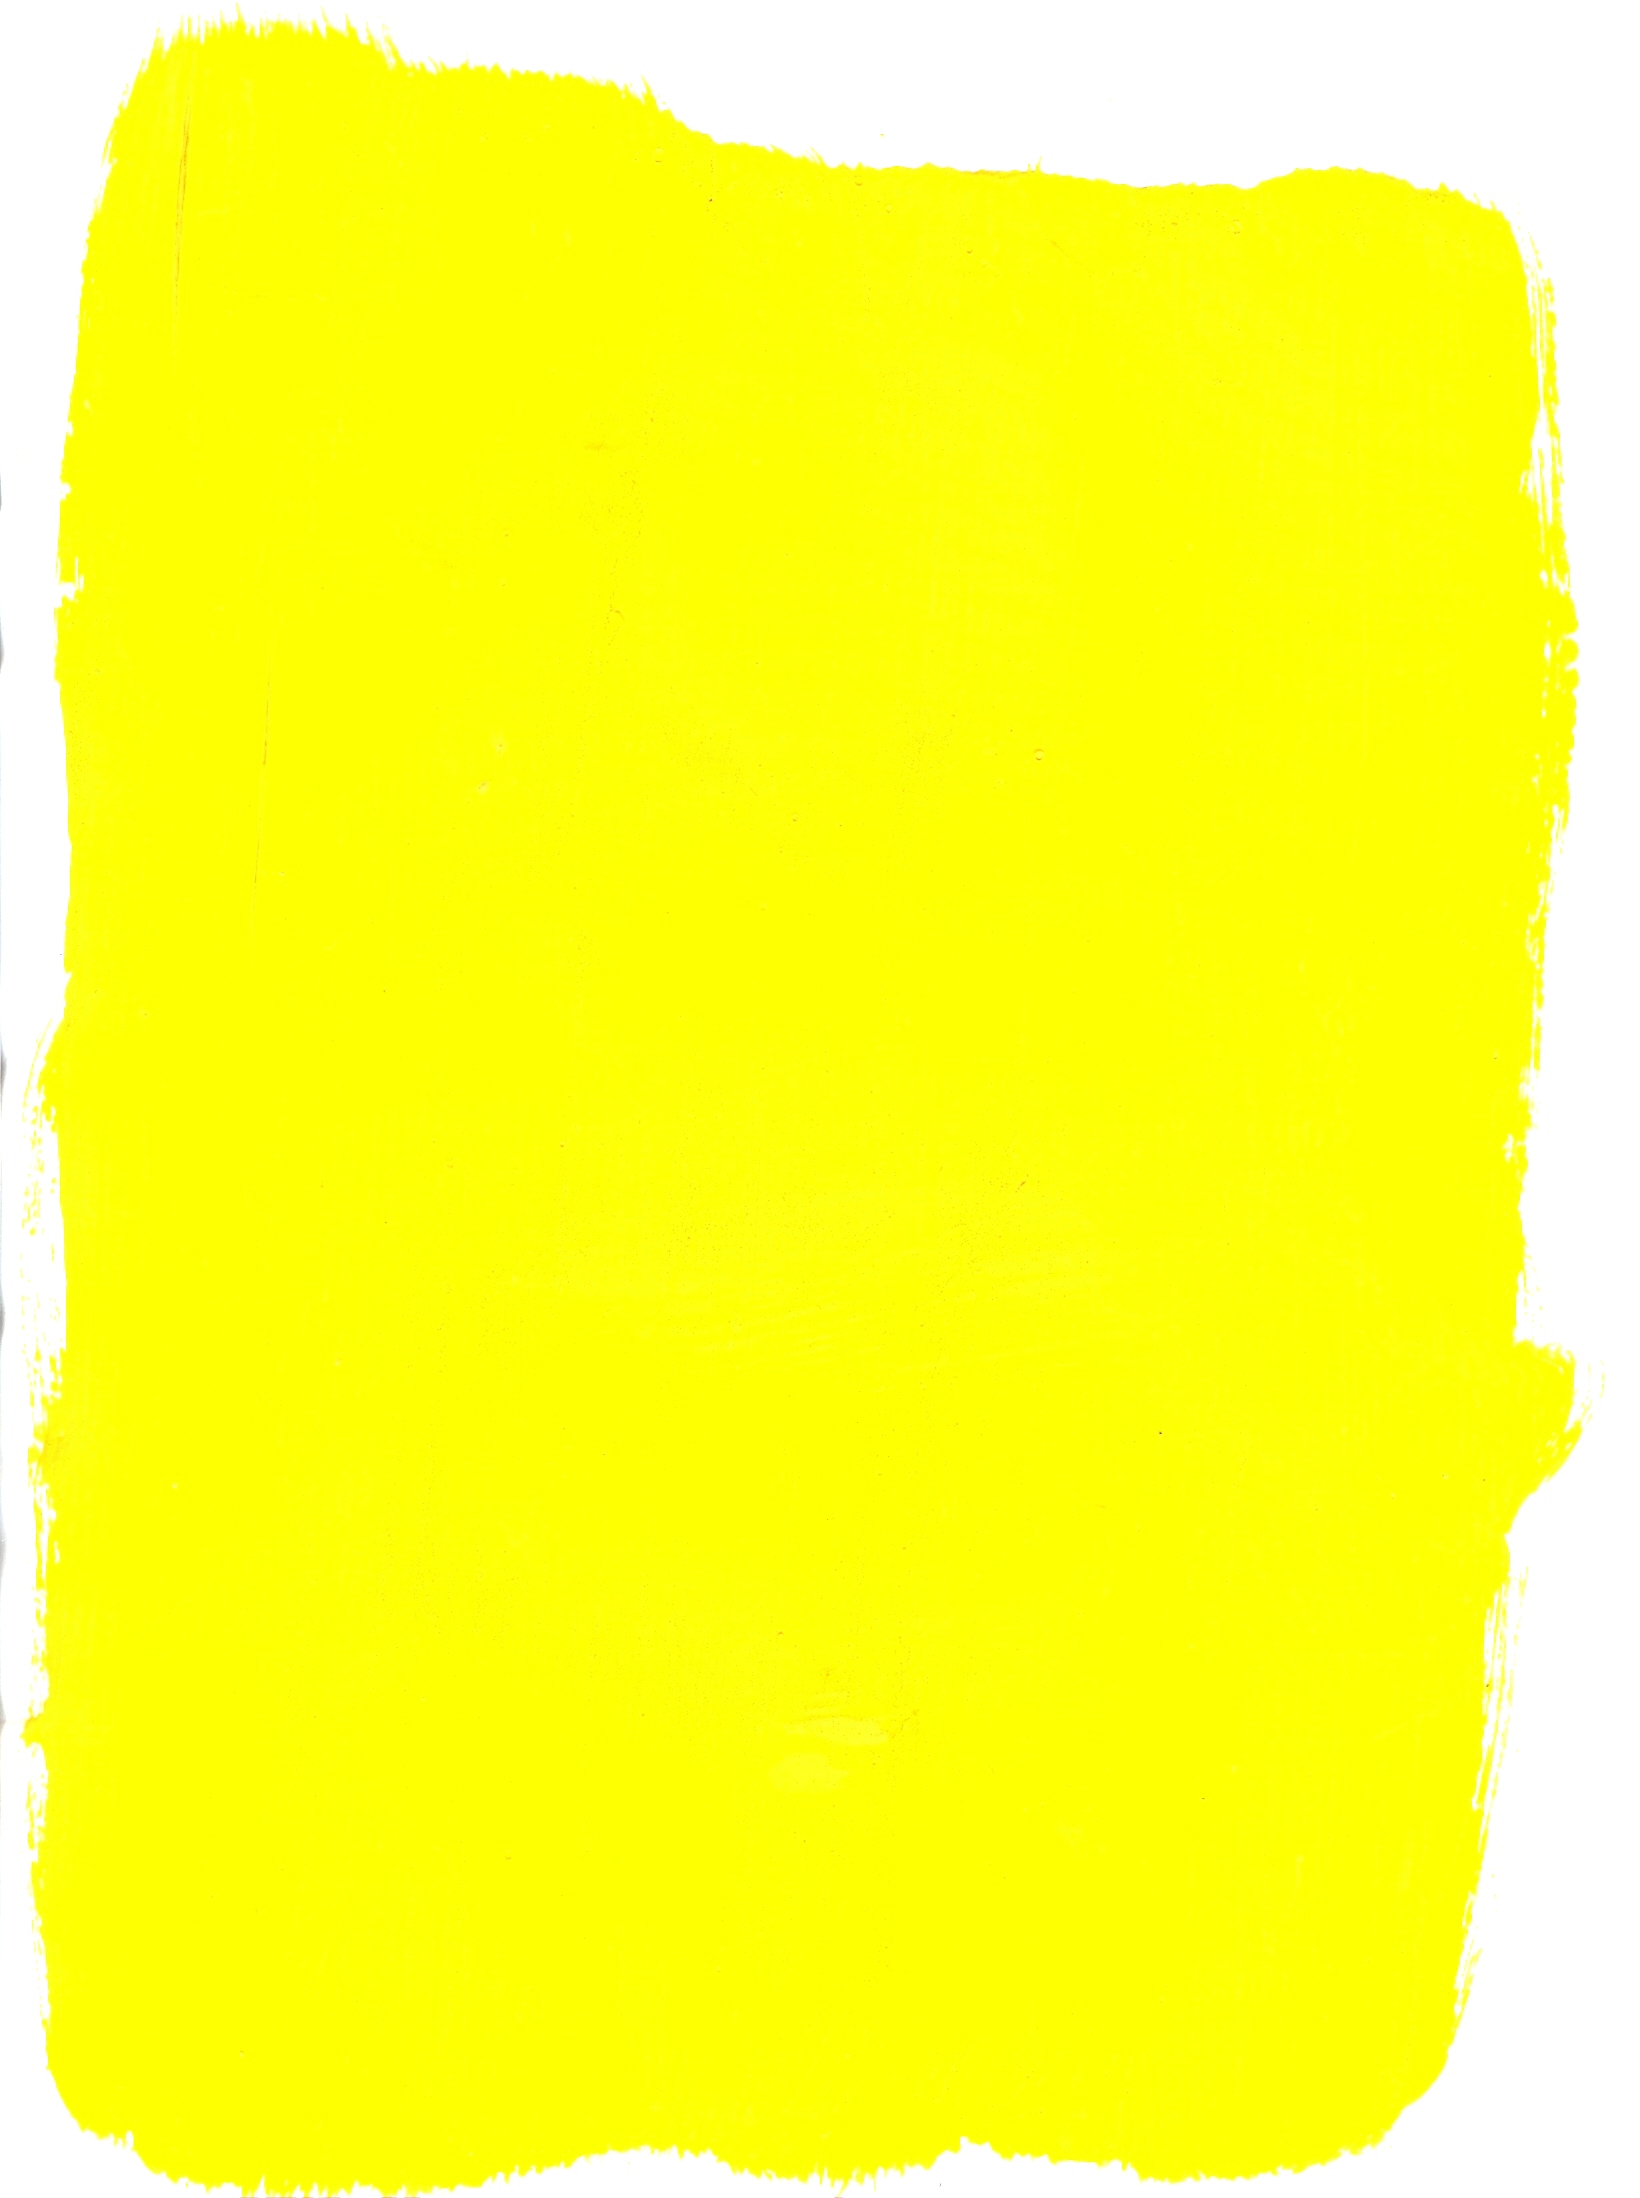 Campione colore pittura murale colorata tintometro colori for Oggetti di colore giallo